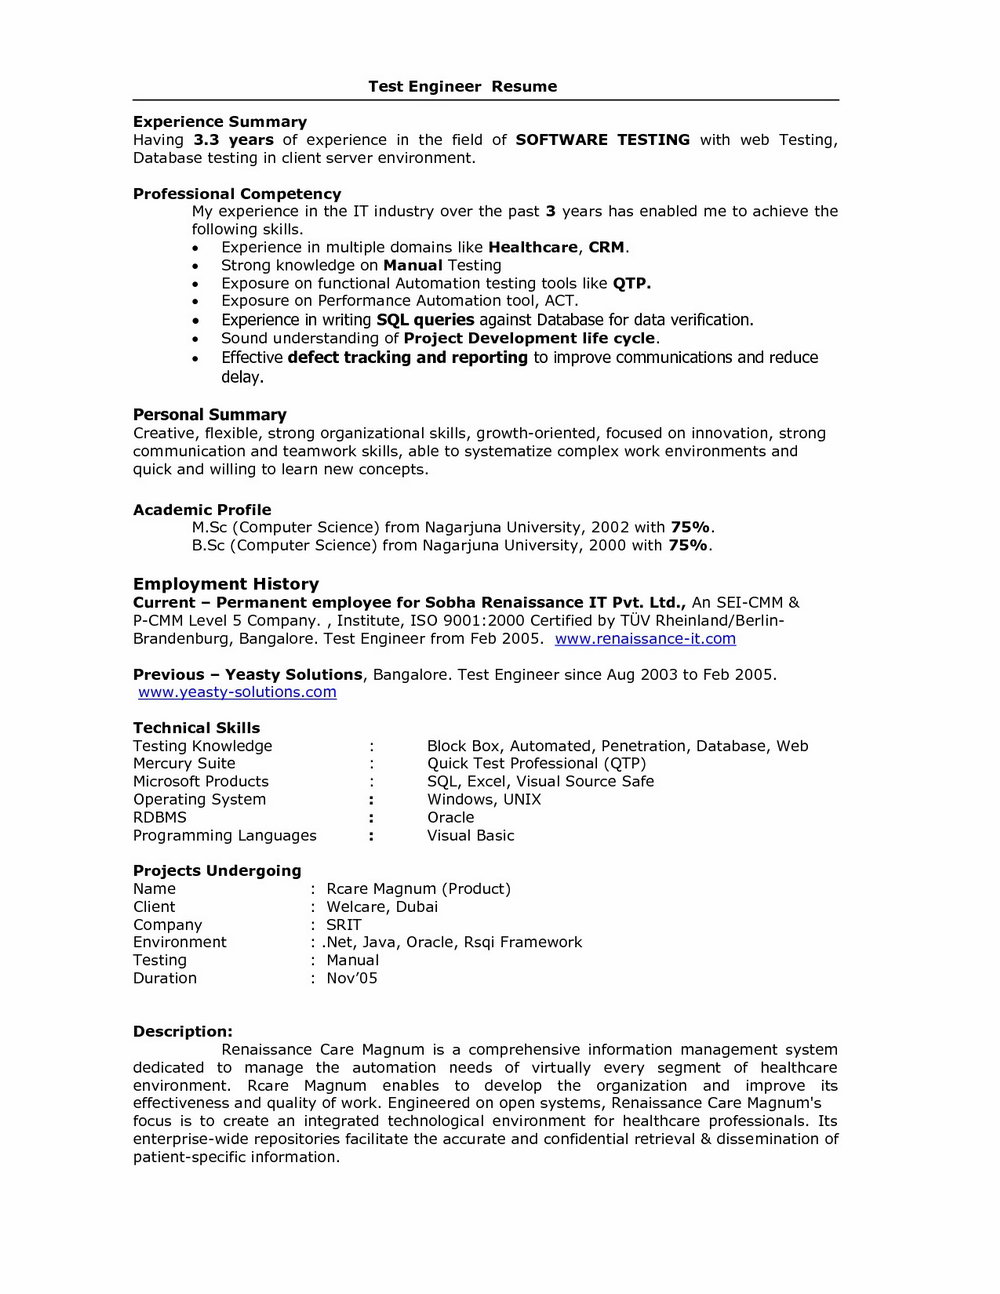 Sample Resume For Software Tester Fresher